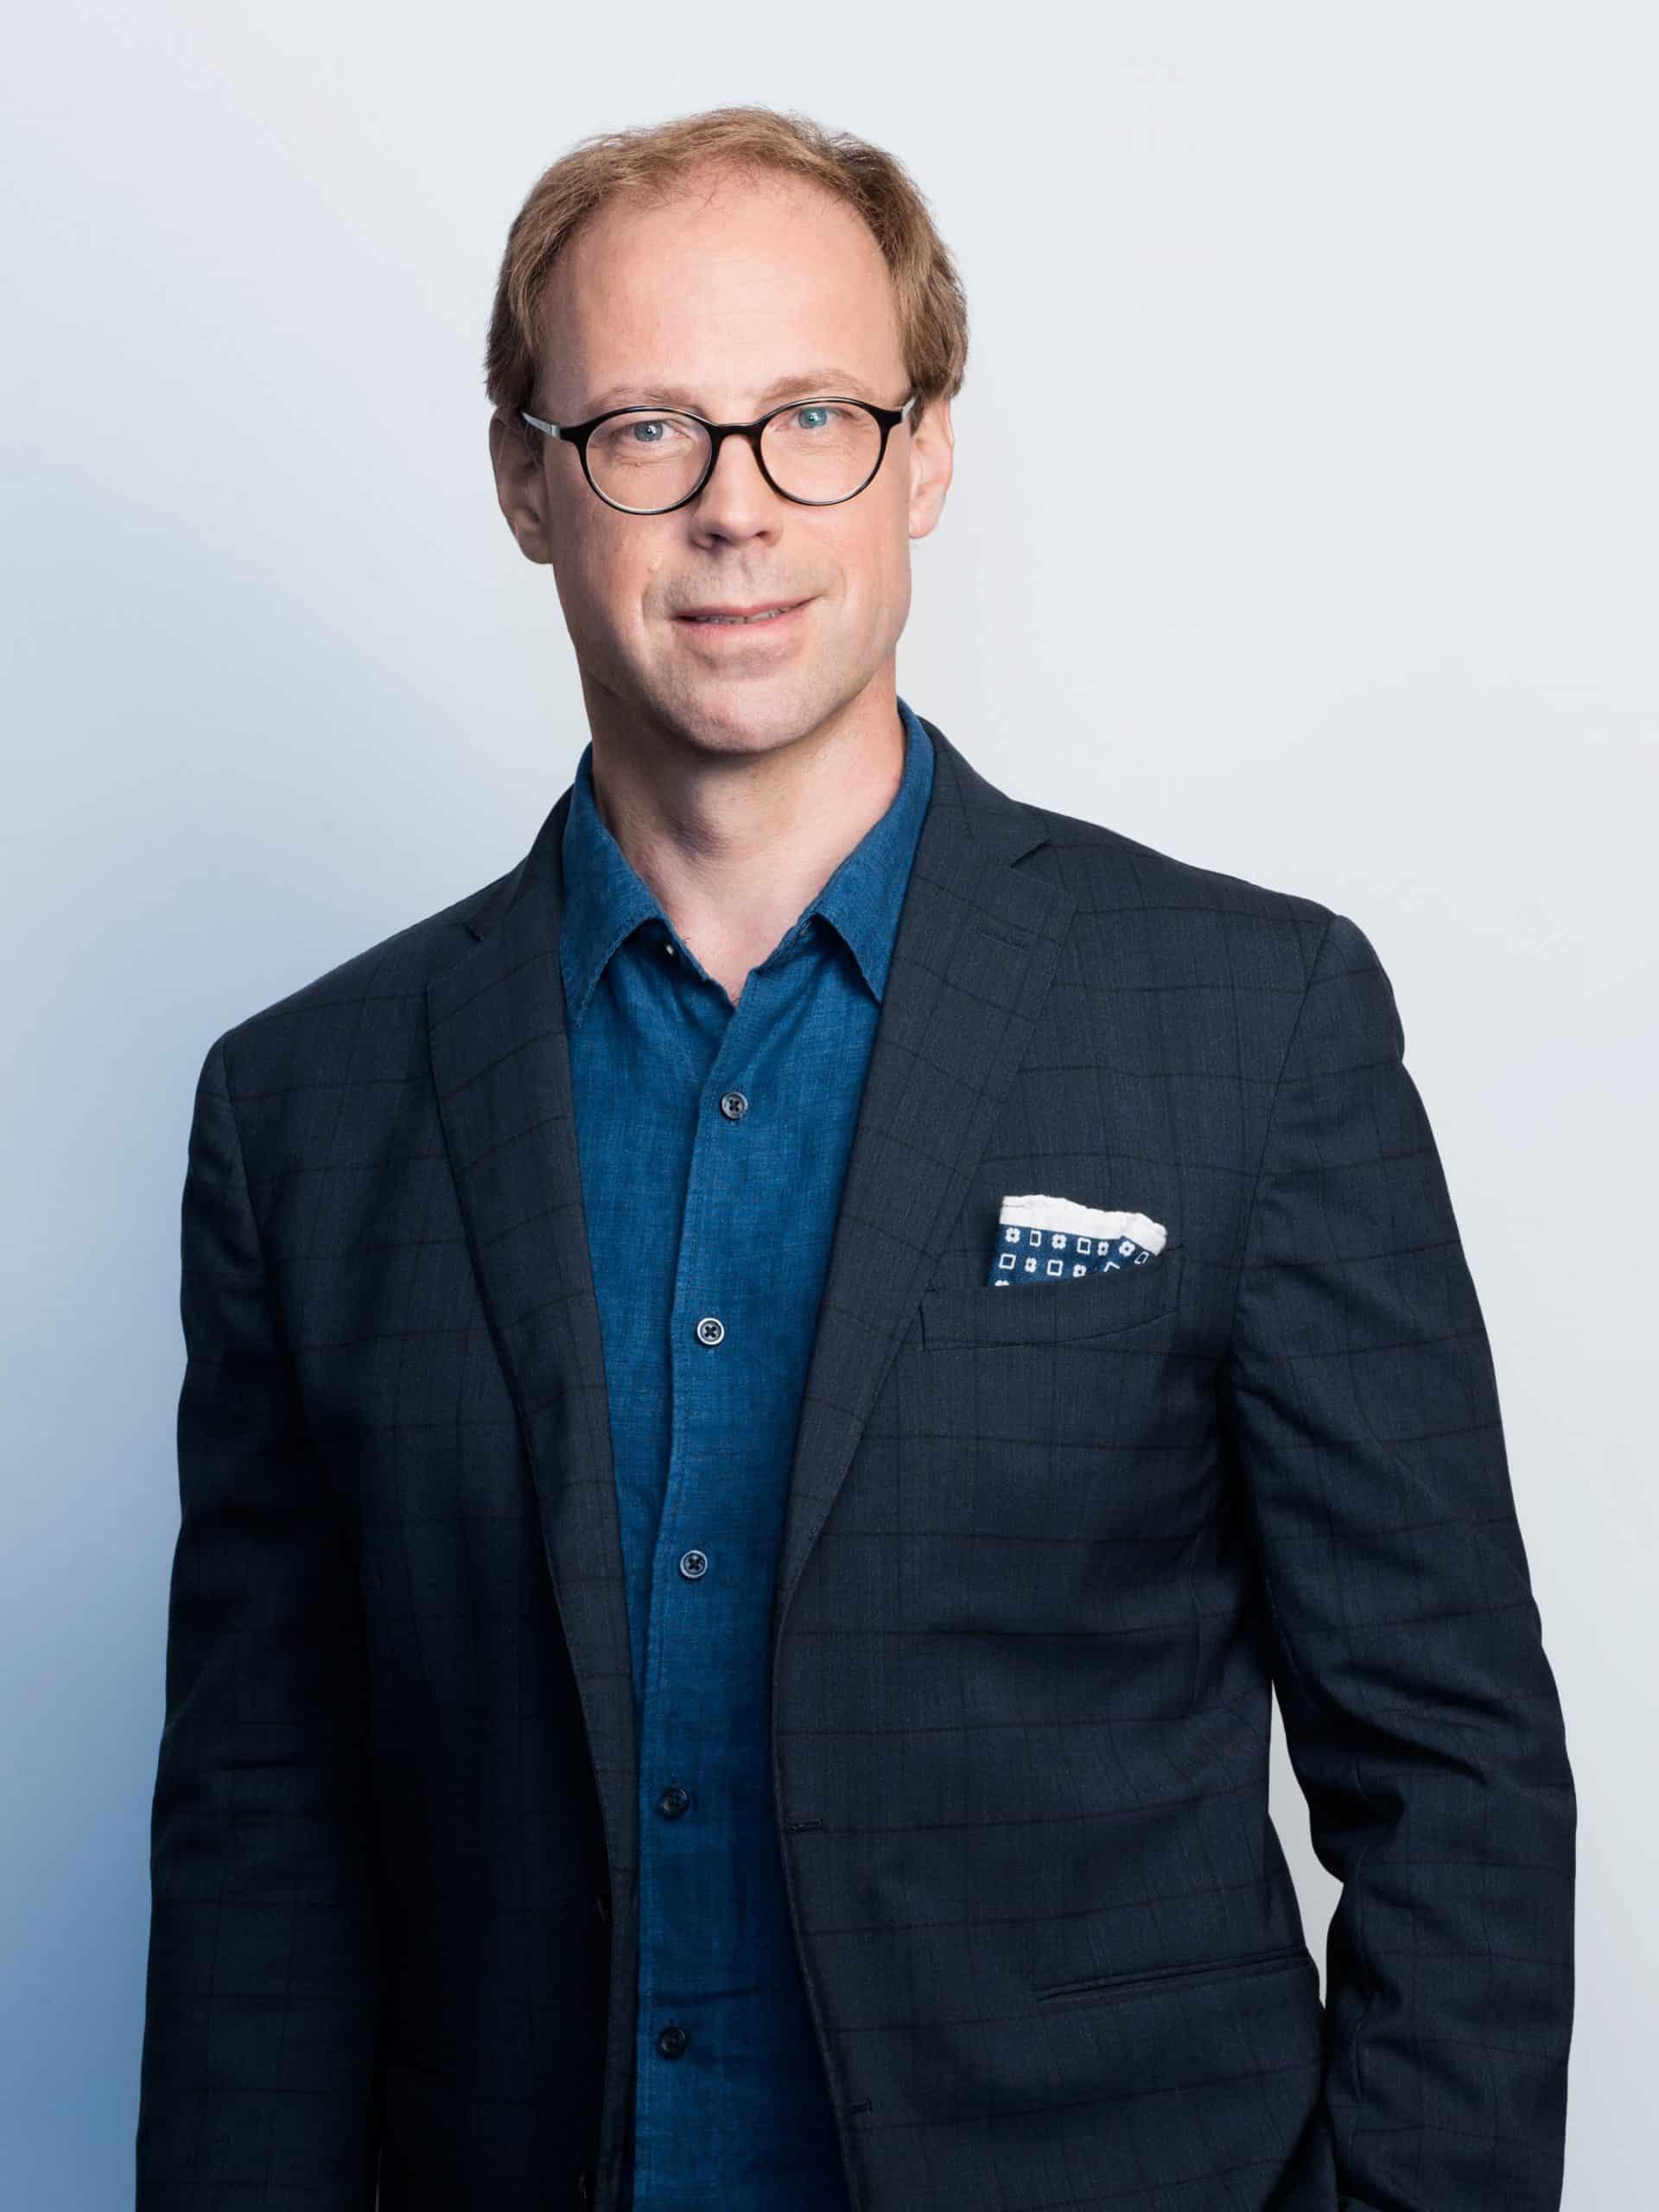 METRO Deutschland reduziert die Geschäftsführung auf zukünftig vier Positionen. Richard Hesch verlässt die Unternehmensleitung zum 02. August 2021